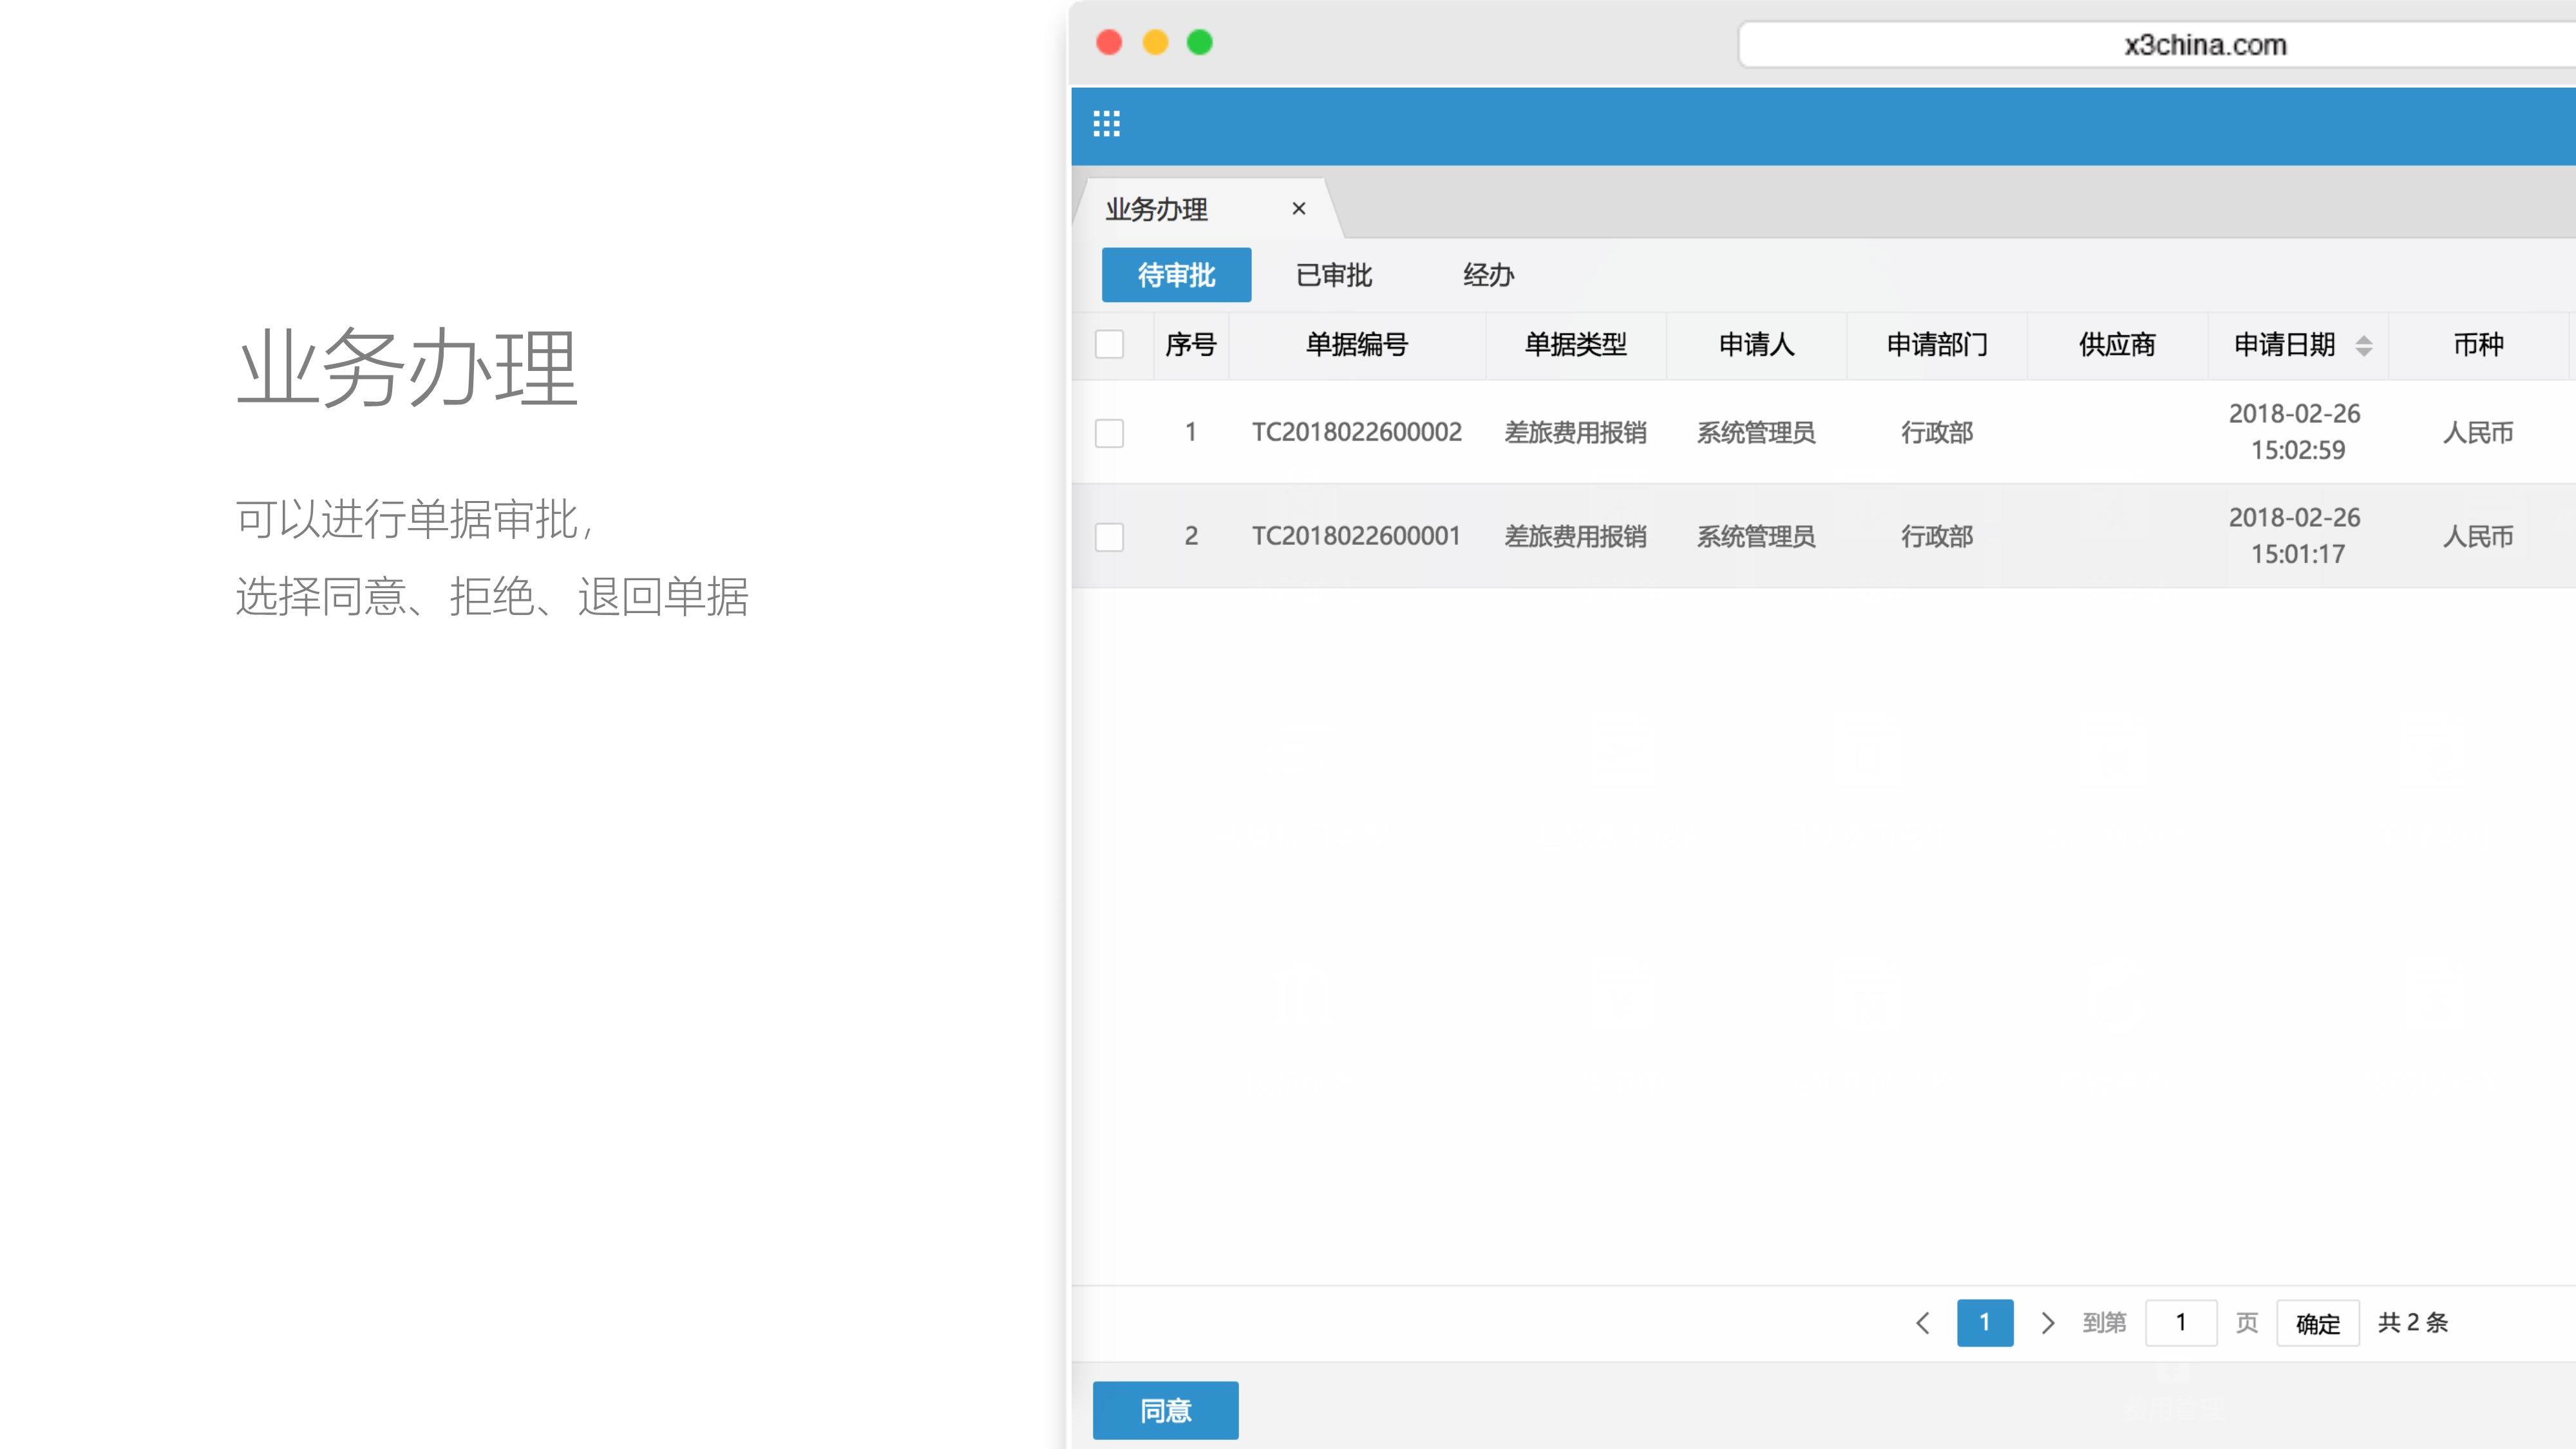 011809350146_0兴元财务管理报销软件_24.Jpeg